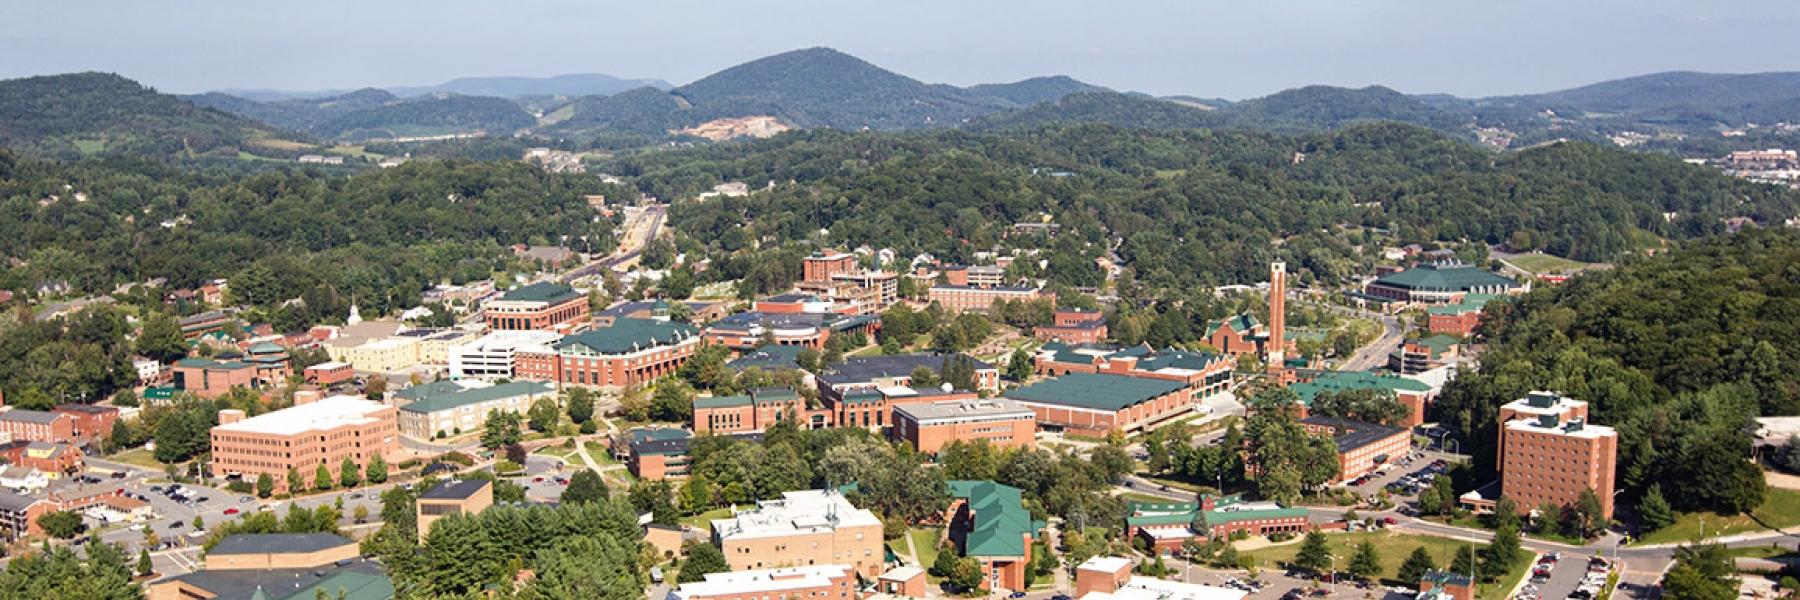 Aerial view of ASU Campus